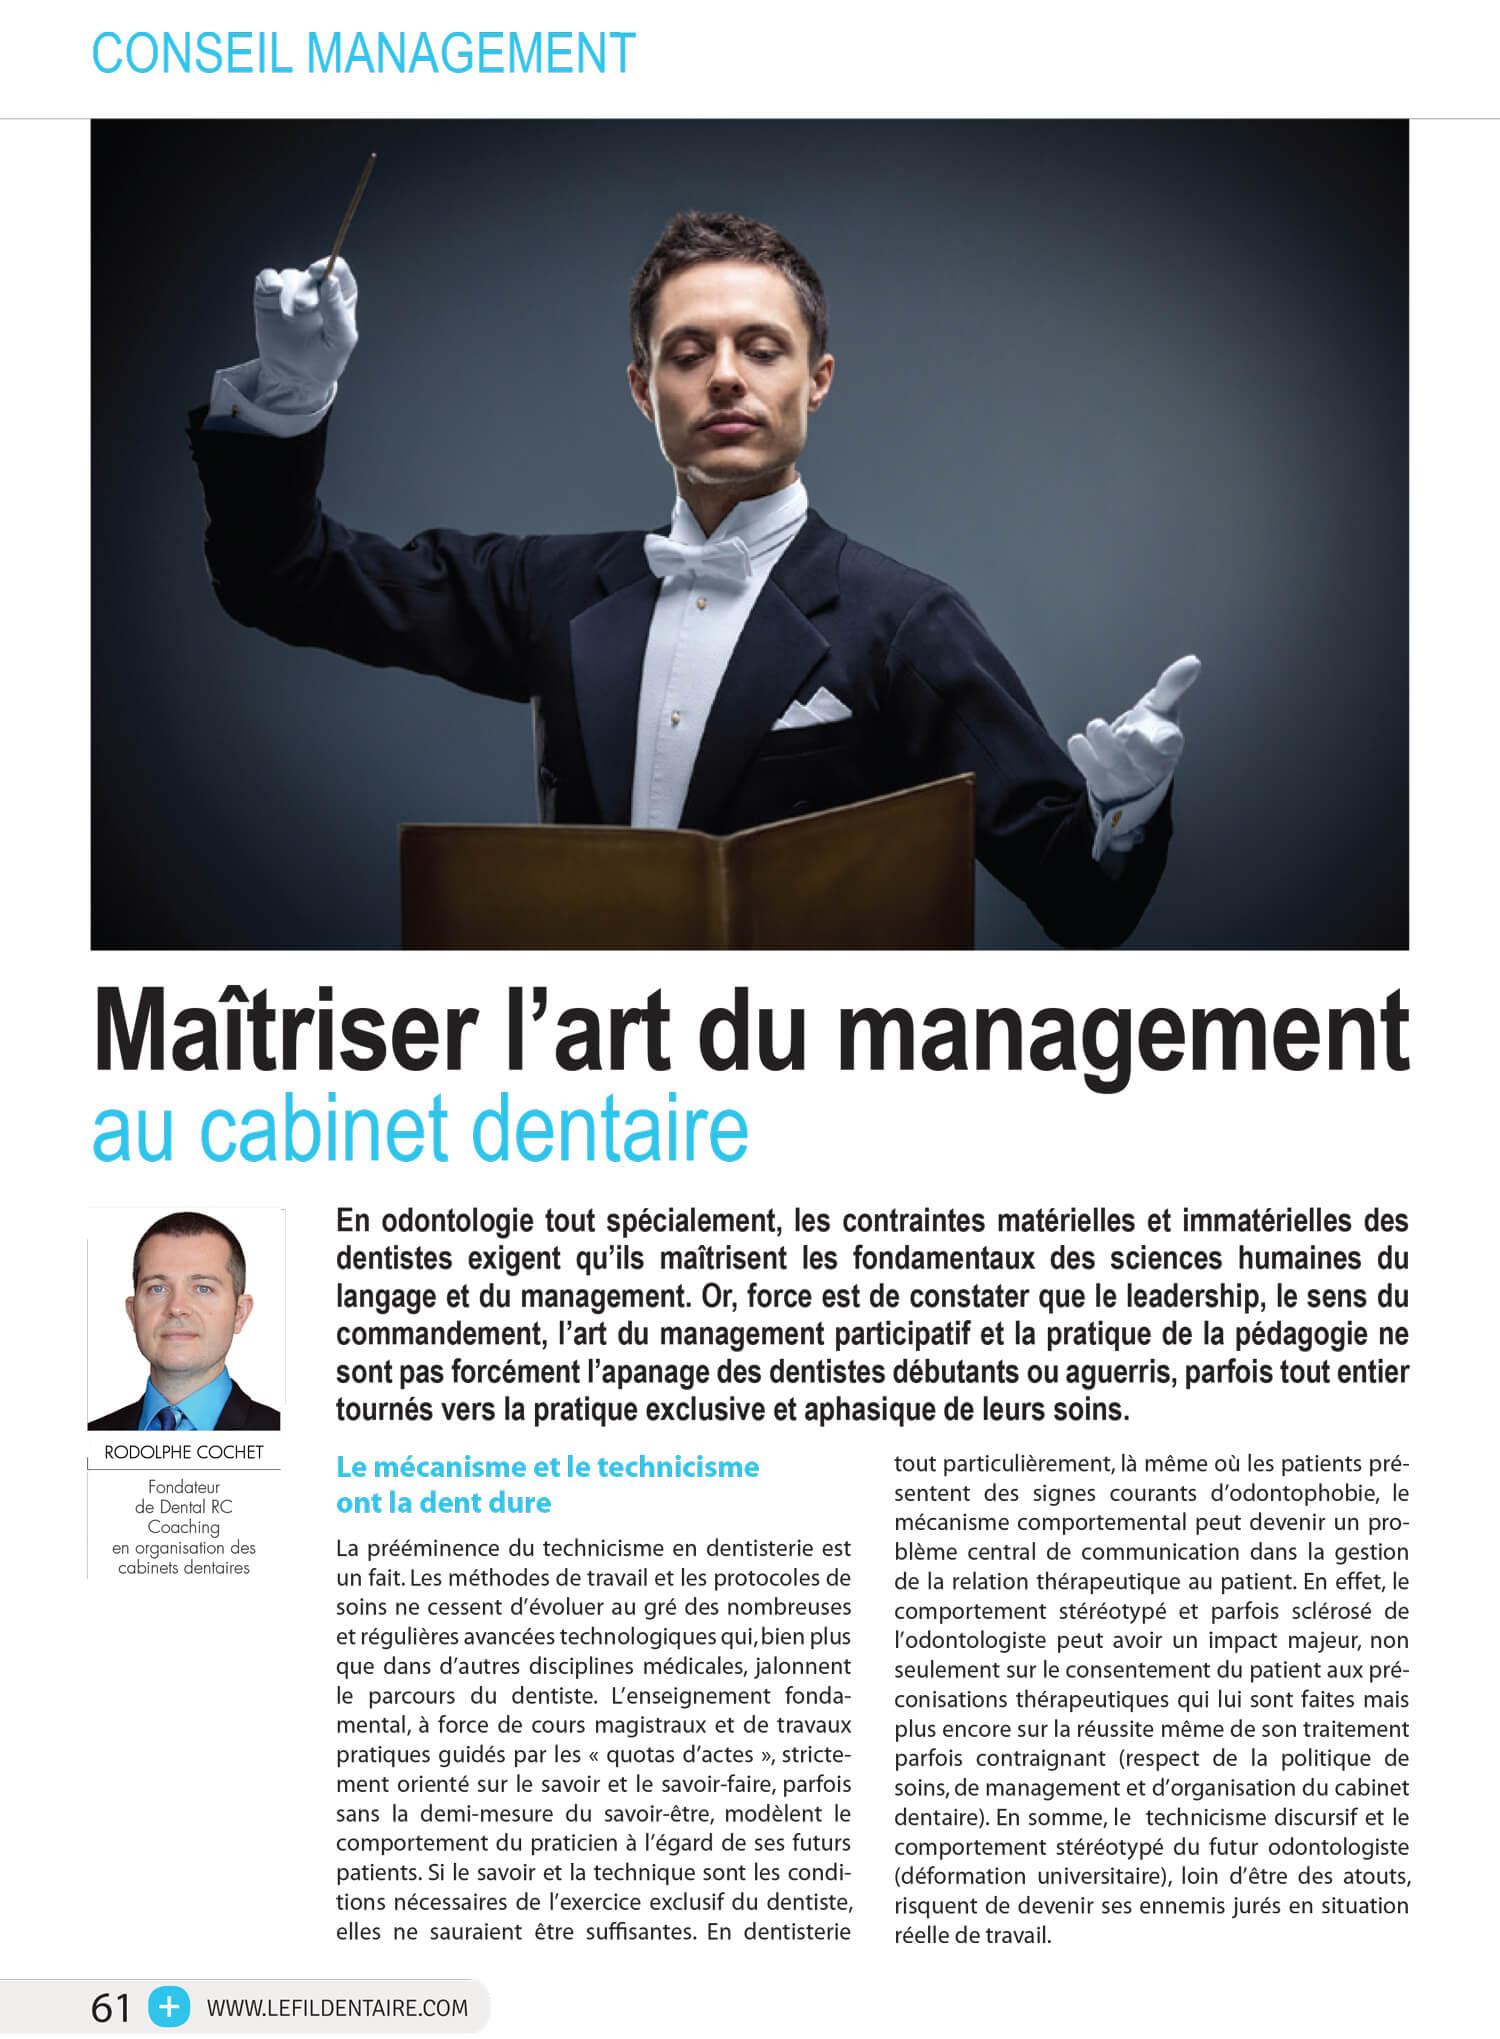 maitriser-art-management-cabinet-dentaire-rodolphe-cochet.jpg